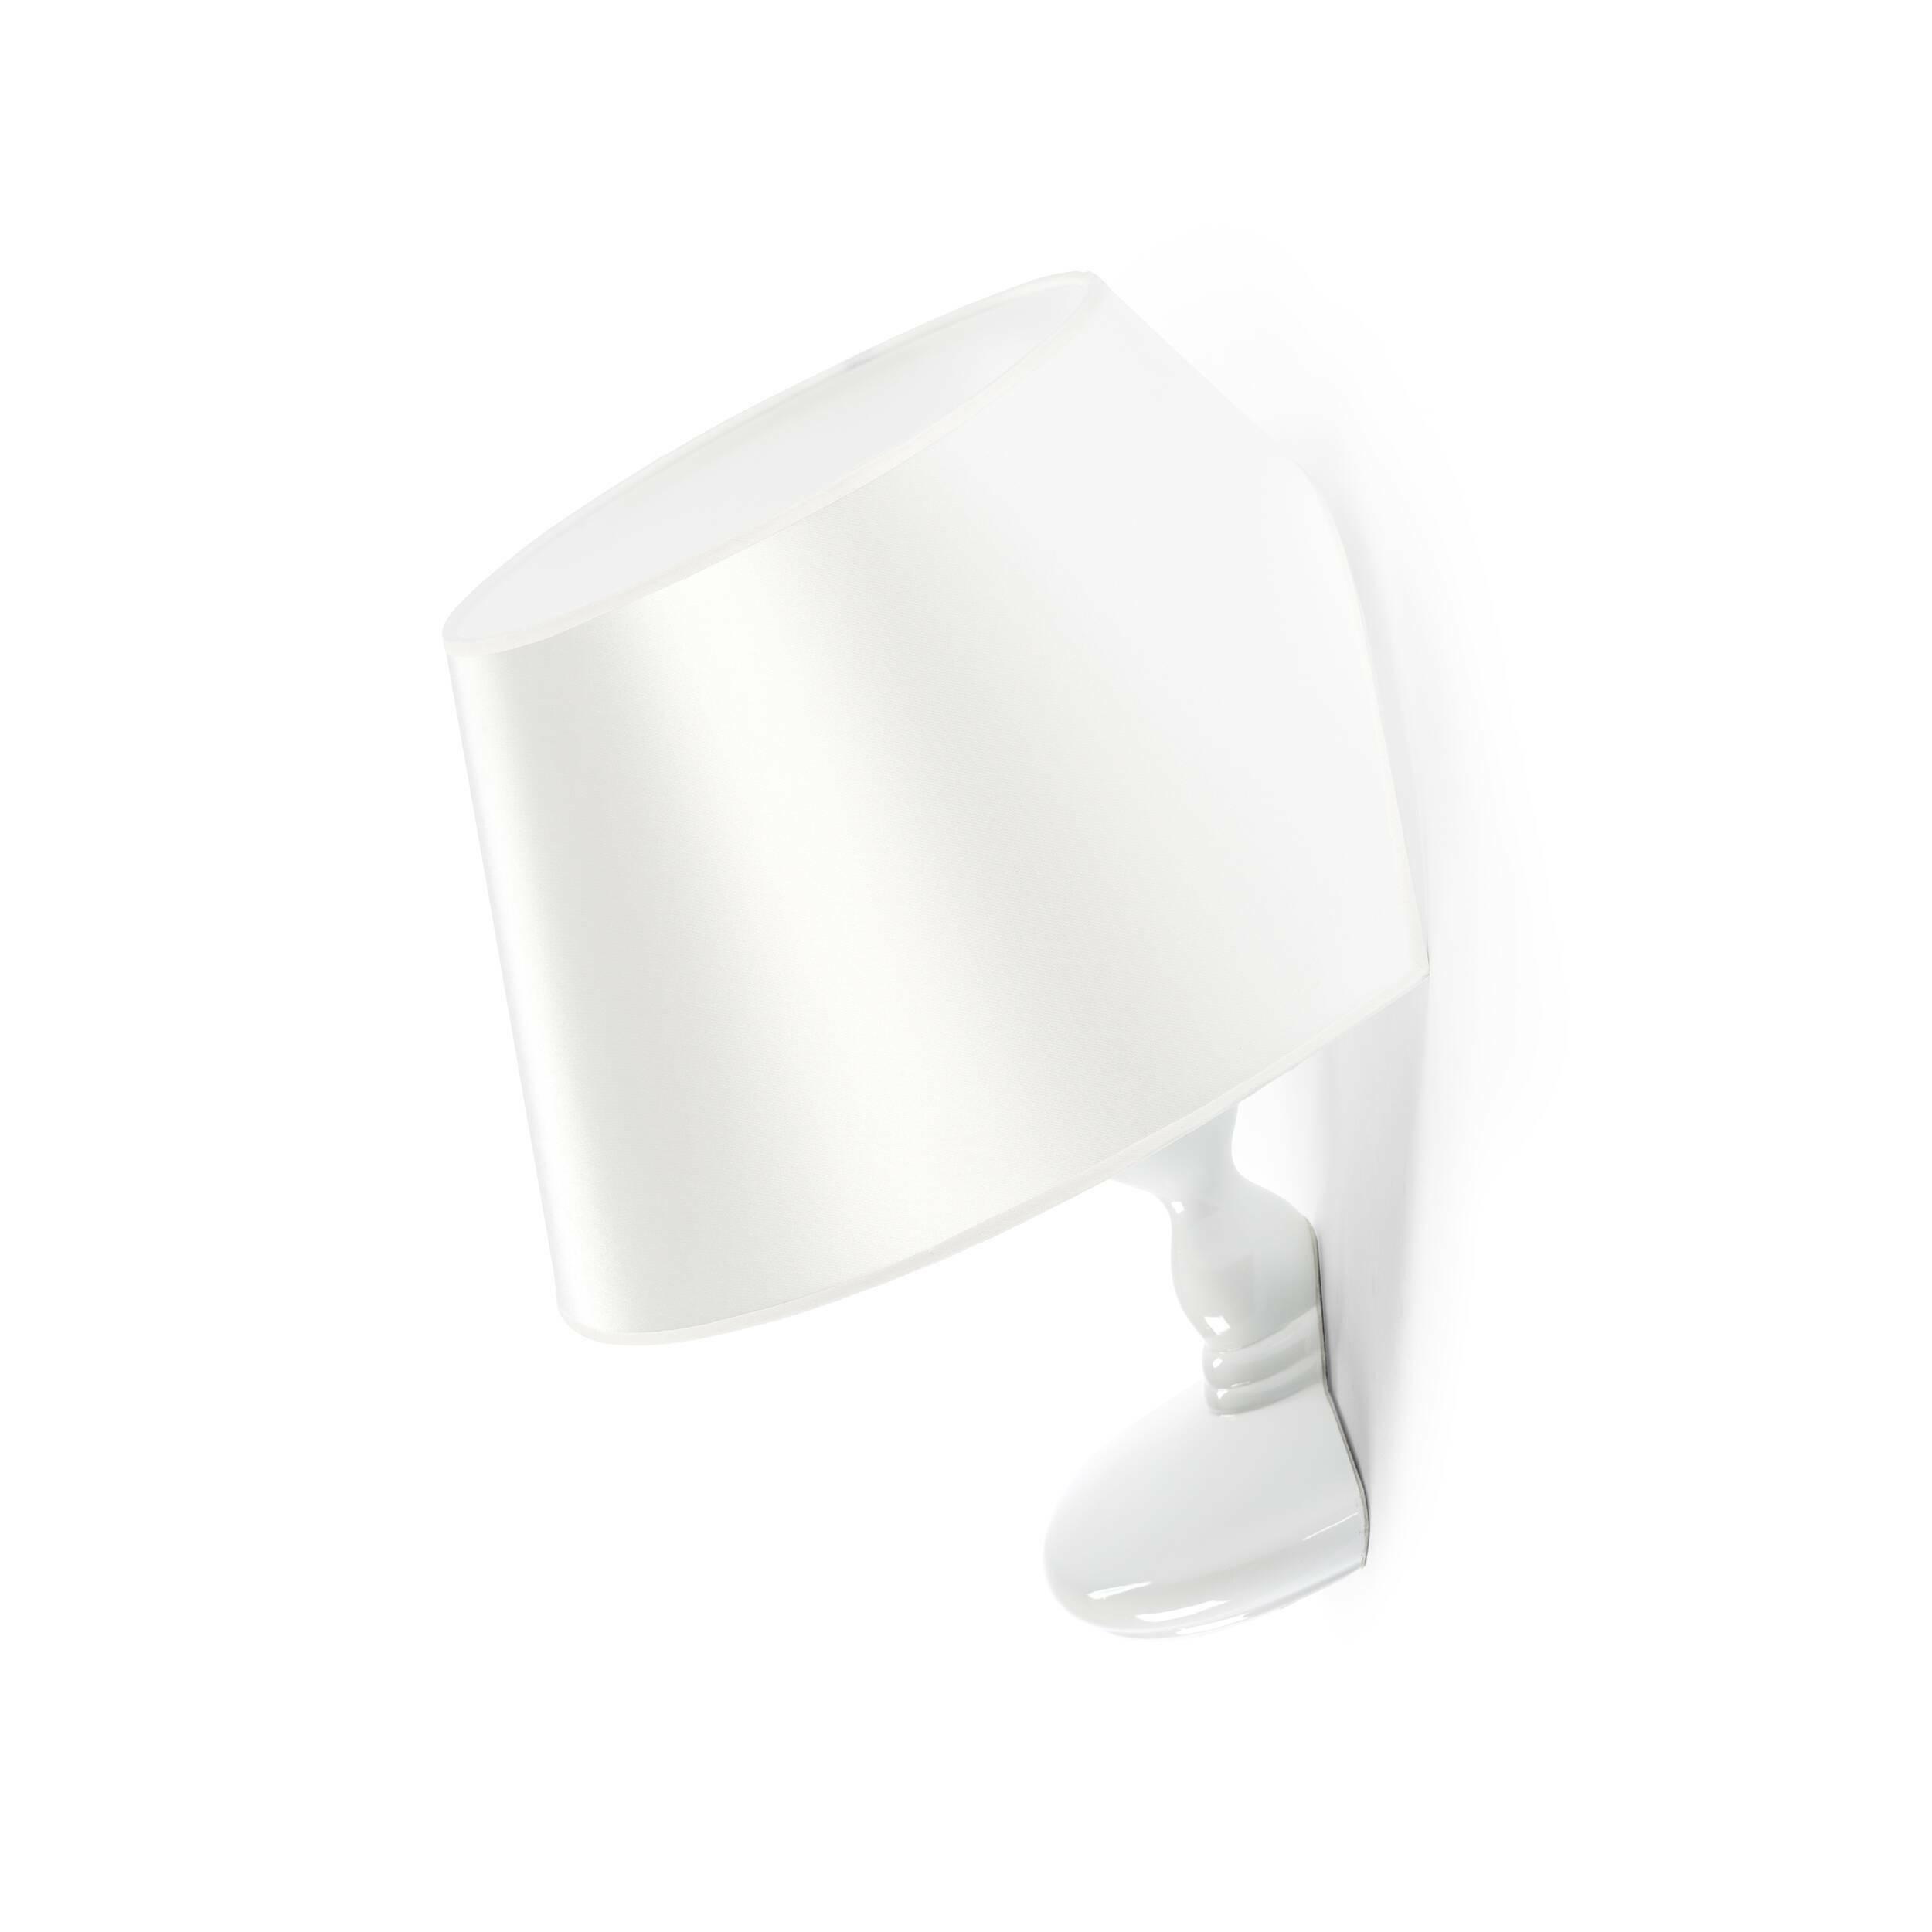 Настенный светильник TitanicНастенные<br>Эта лампа – модель дизайнерского светильника, появившегося в результате сотрудничества Чарльза Тревельяна и Carpenters Workshop Gallery. Сам Чарльз говорит о своем творении так: Я специально не стал отклоняться от классической формы настольного светильника, ведь именно таким мы его обычно и представляем. Дальше я стал играть с этим традиционным представлением, ведь мебели не обязательно иметь традиционные формы. Мы думаем, что у стула должно быть 4 ножки, полки обязаны быть плоскими, а о...<br><br>stock: 0<br>Высота: 46<br>Ширина: 39<br>Количество ламп: 1<br>Материал абажура: Ткань<br>Материал арматуры: Стеклопластик<br>Ламп в комплекте: Нет<br>Напряжение: 220<br>Тип лампы/цоколь: E27<br>Цвет абажура: Белый